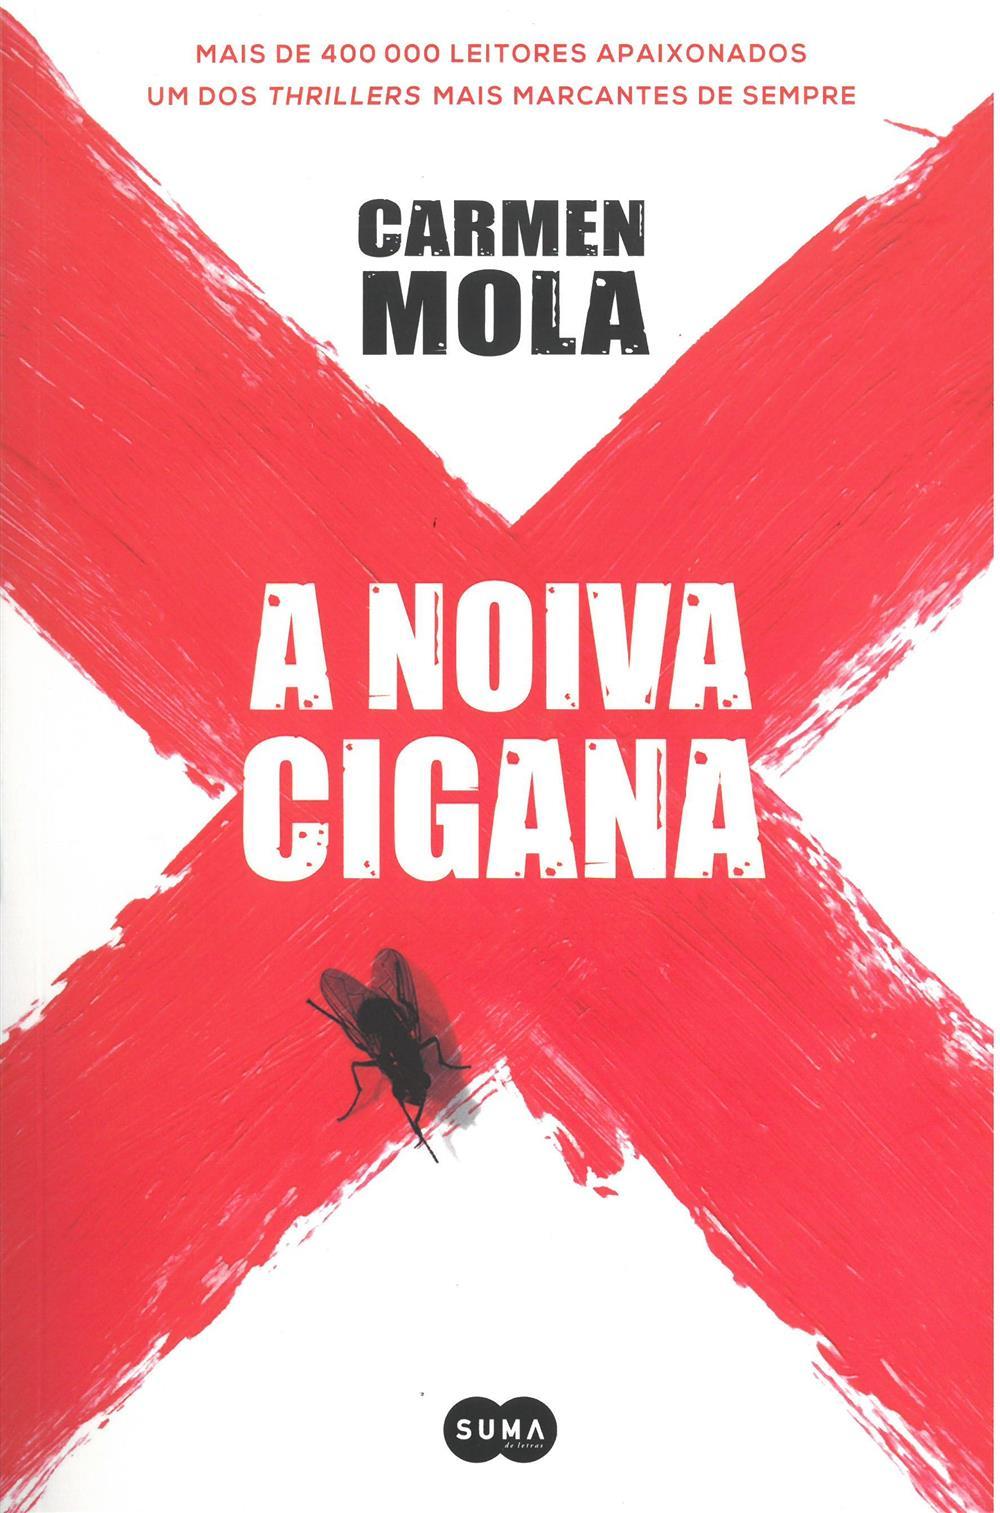 MOLA, Carmen (2021). A noiva cigana.jpg